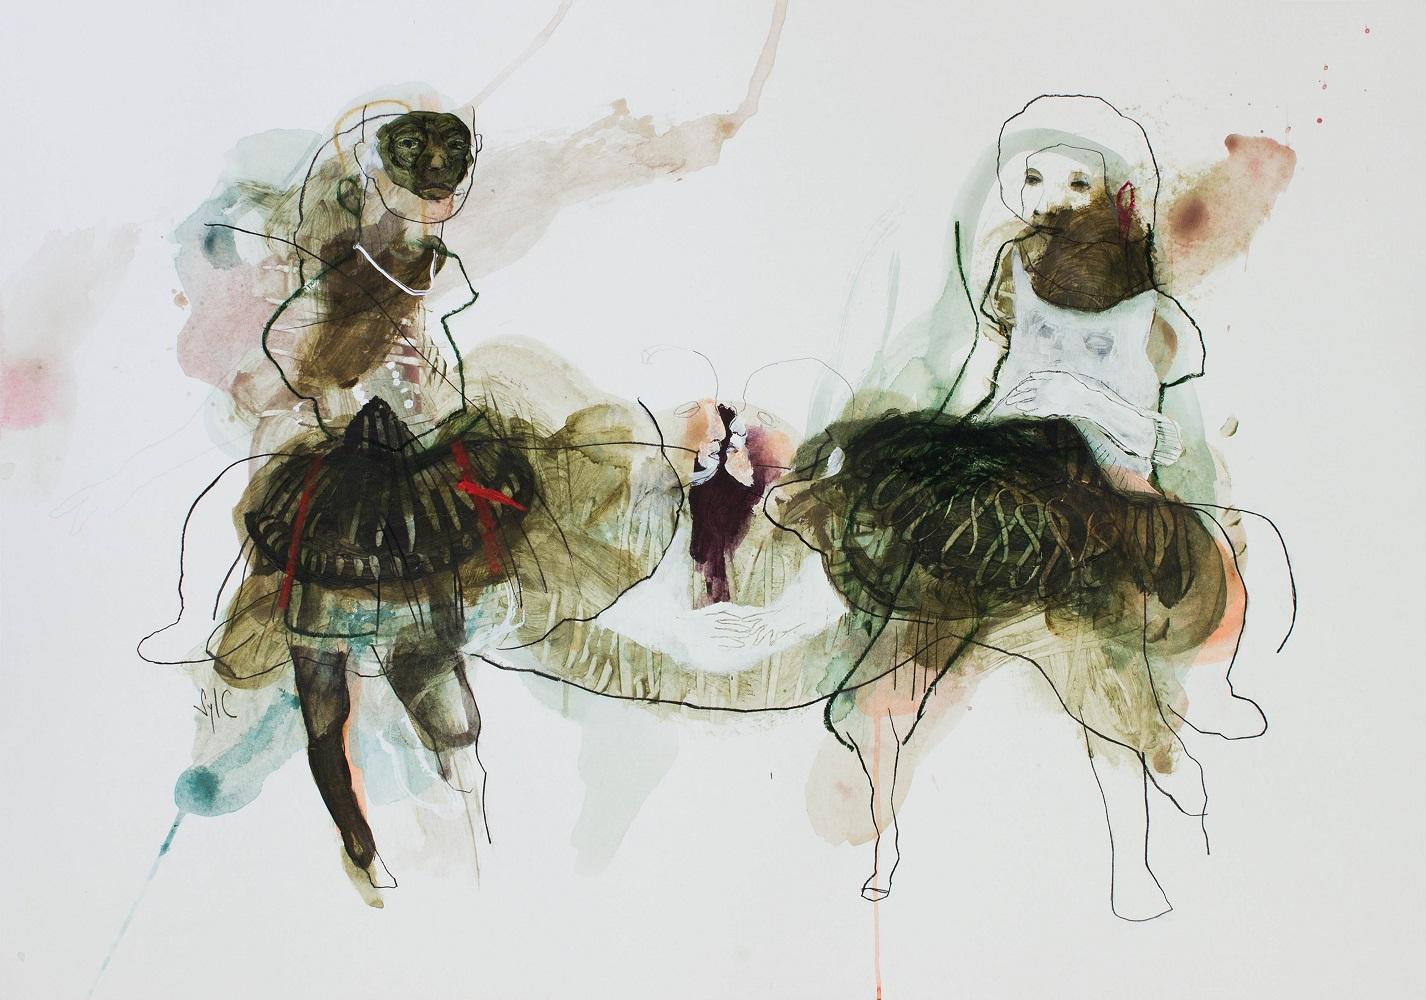 RÉVÉLATION, Dessin, 2019 - Mine graphite, fusain, acrylique & pastel gras sur papier, 70x100cm